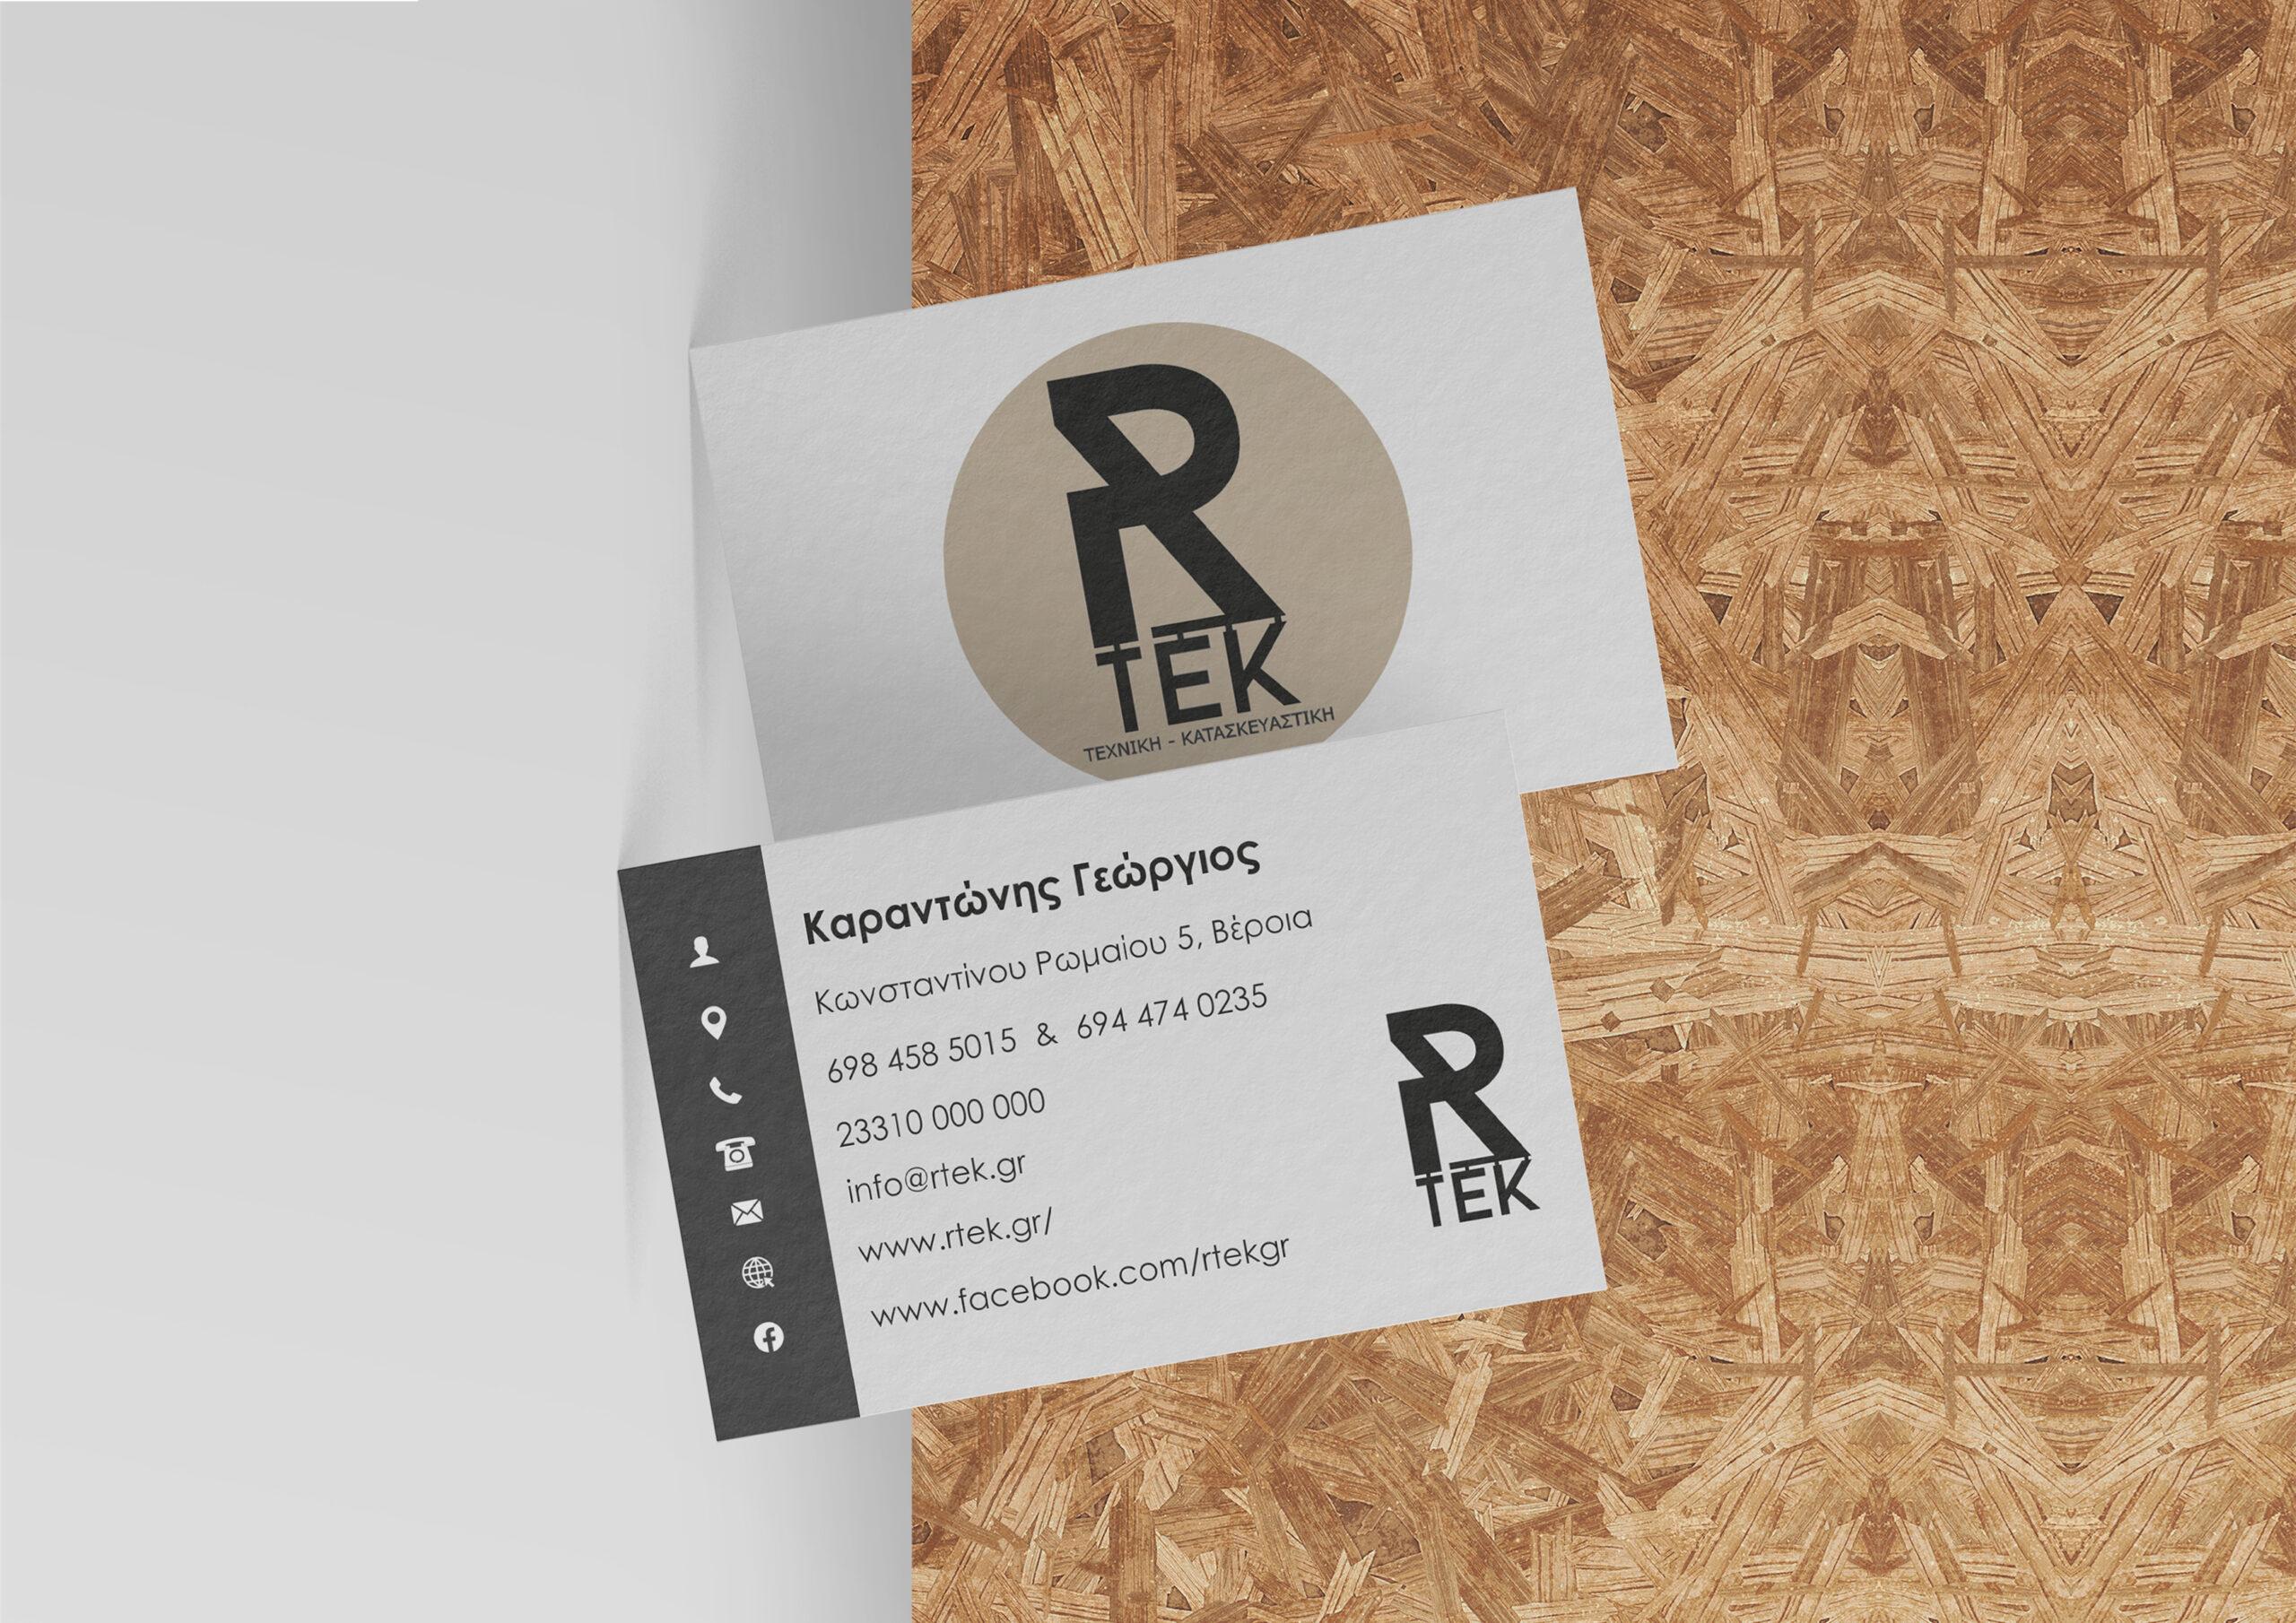 rtek CARD